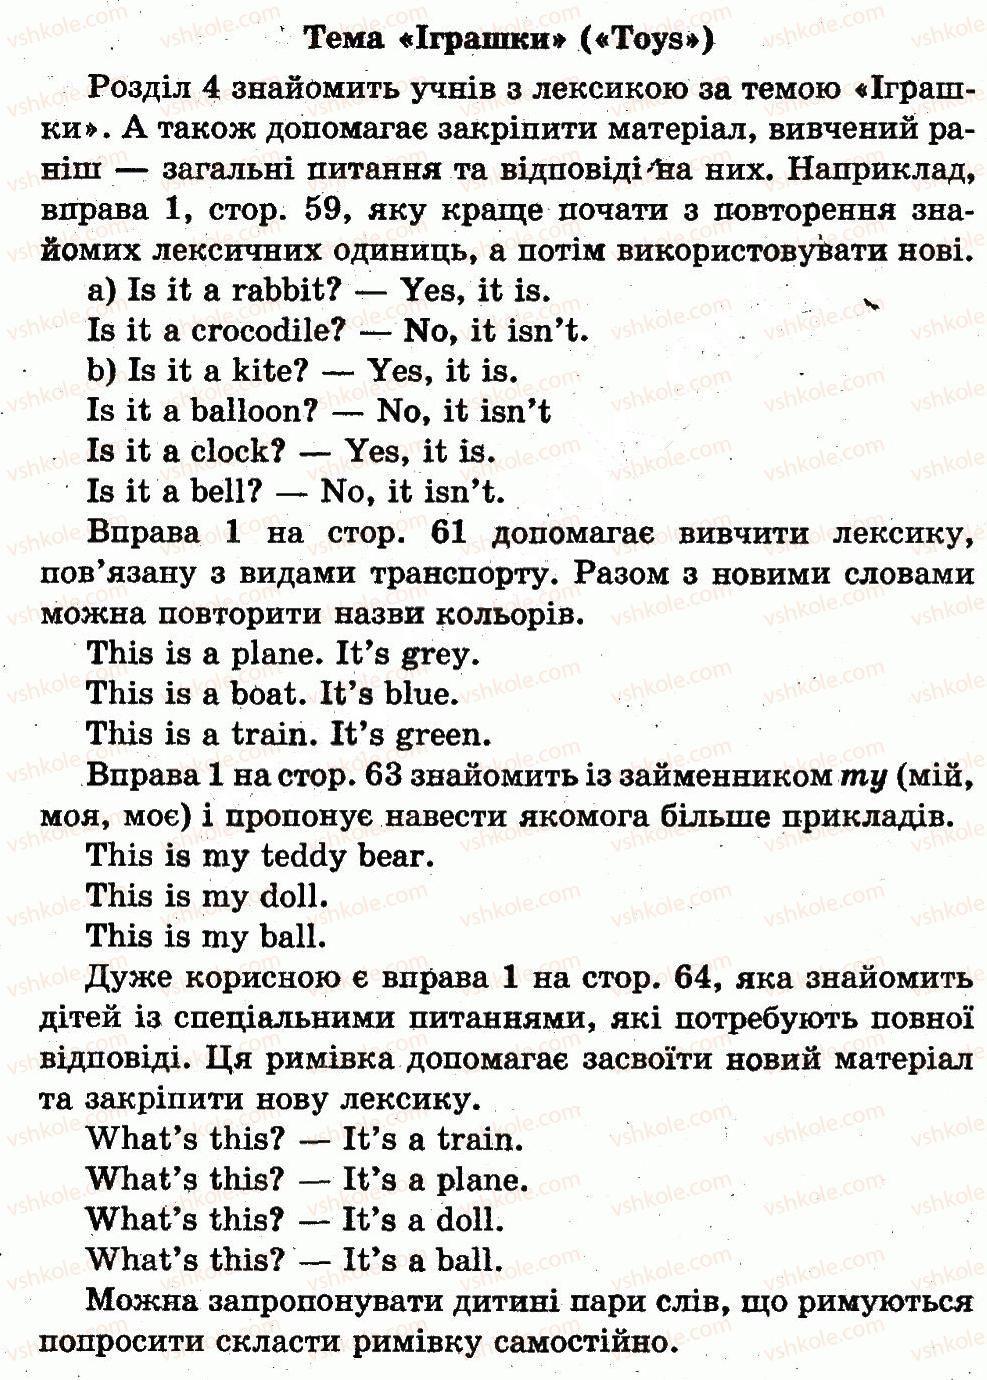 1-anglijska-mova-mye-rostotska-od-karpyuk-2012-pogliblene-vivchennya--unit-4-toys-сторінки57-66.jpg